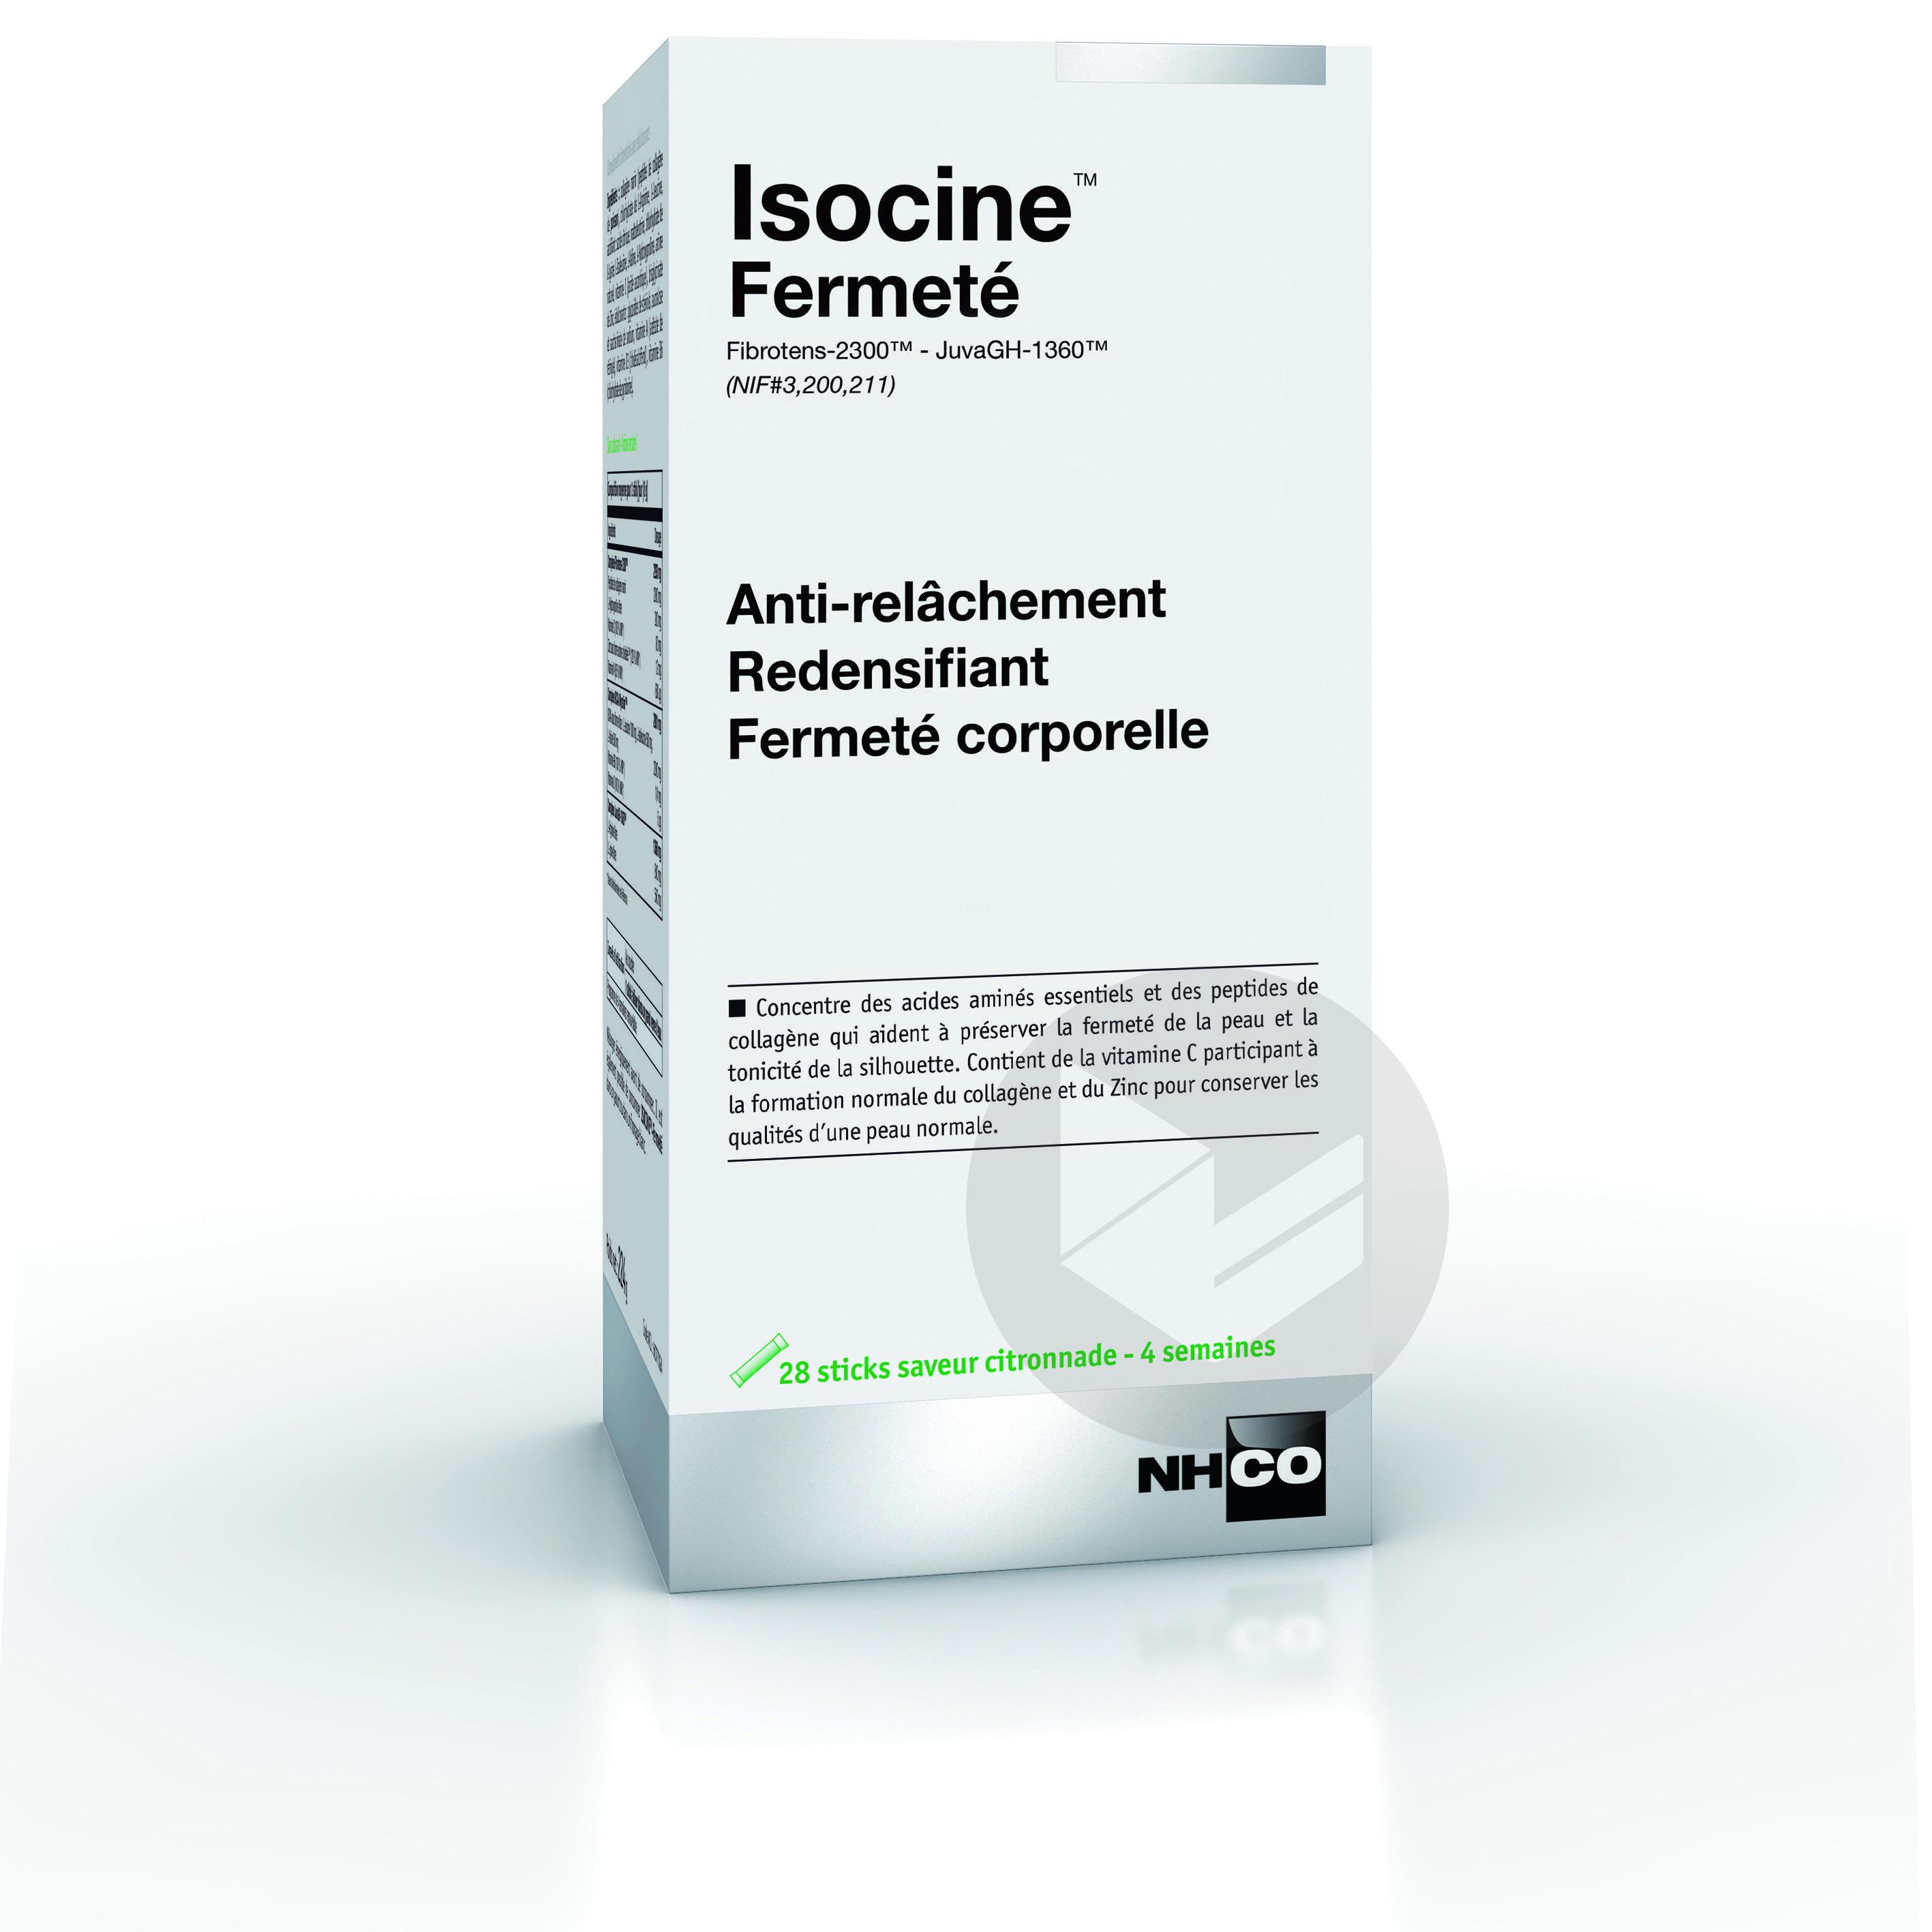 Isocine Fermete